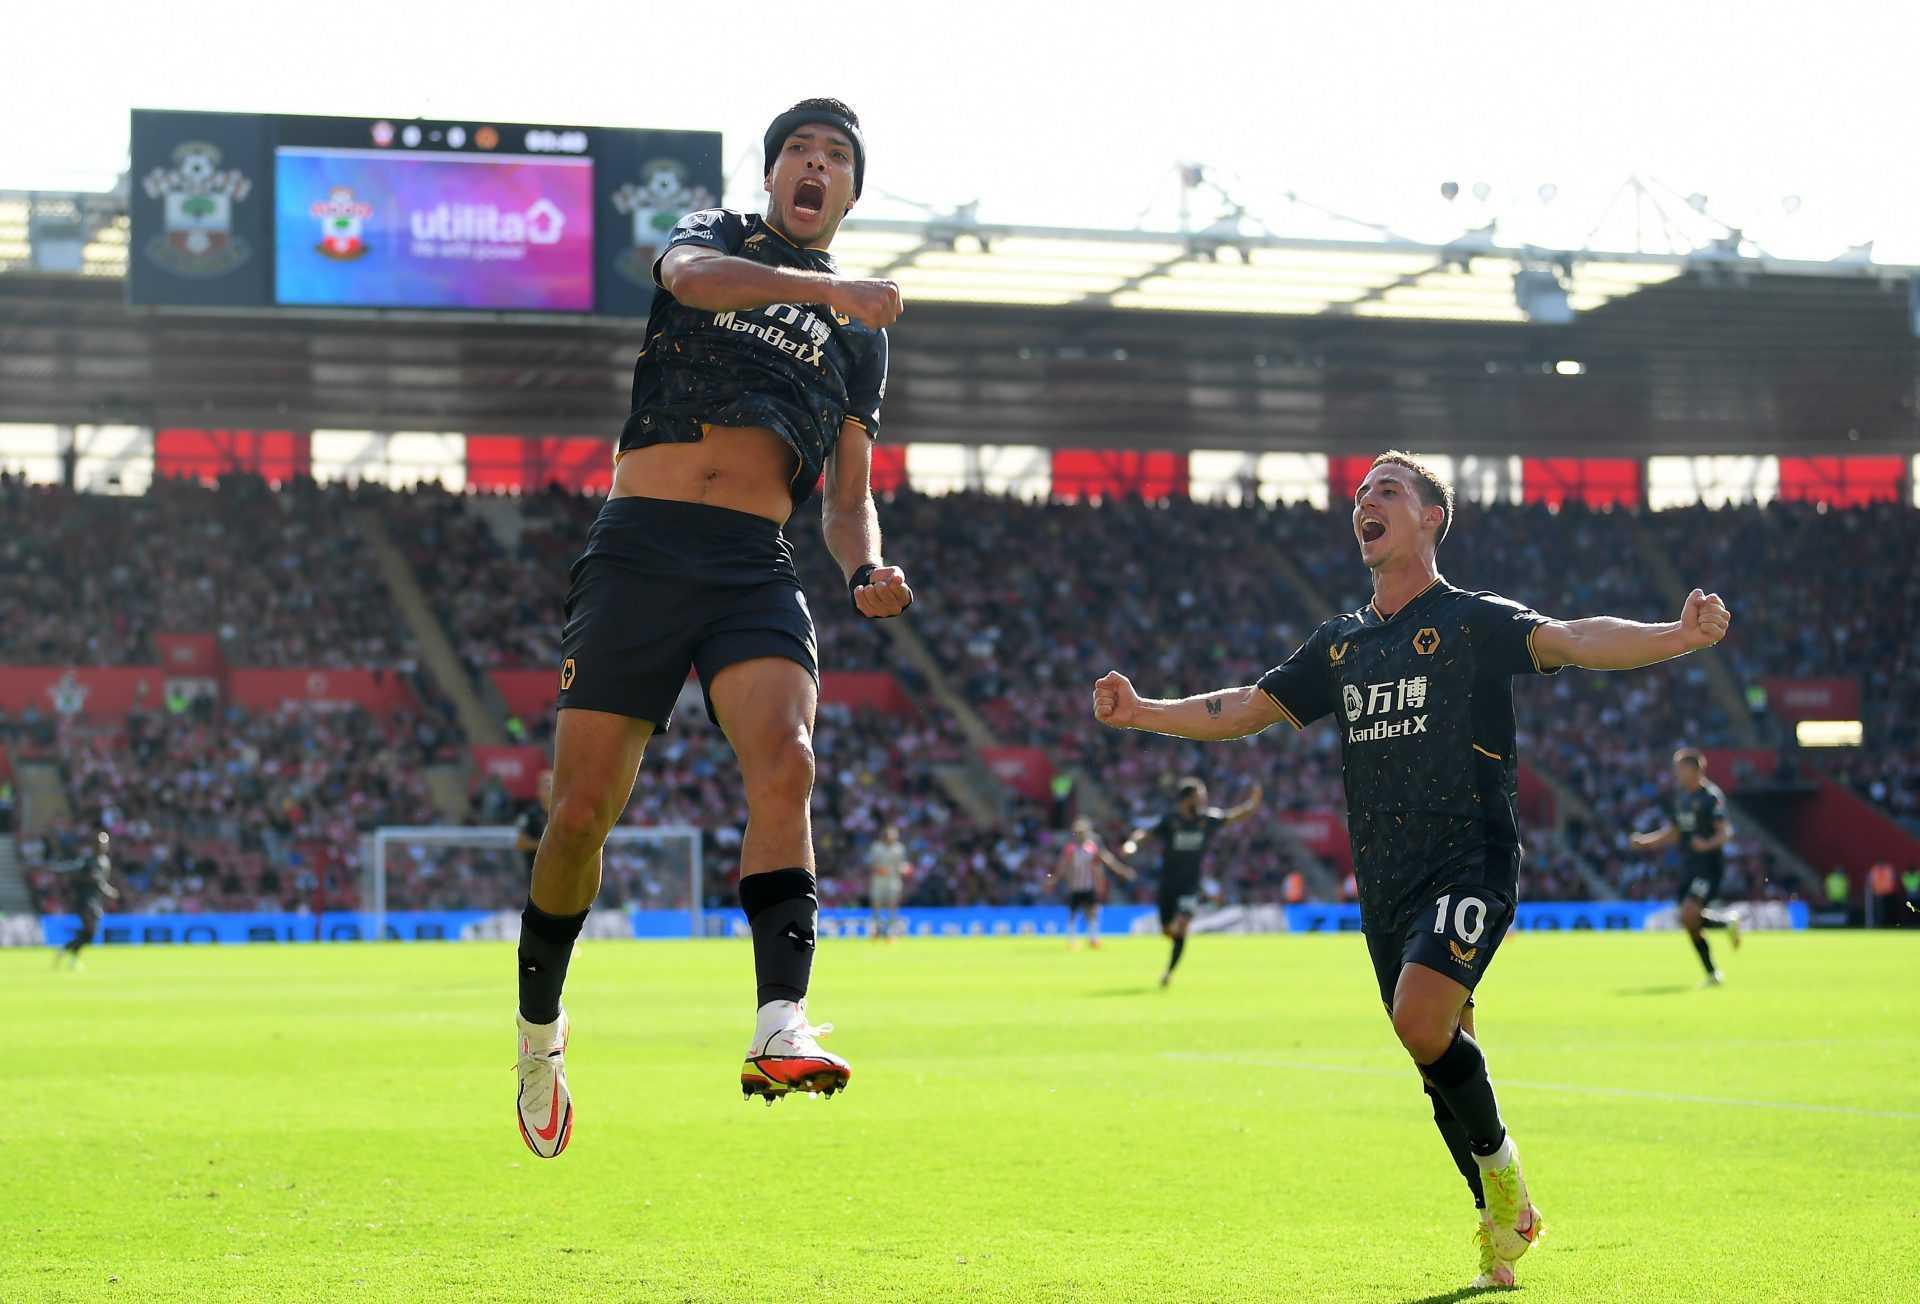 Premier League giornata 6: la vendetta del Man. City